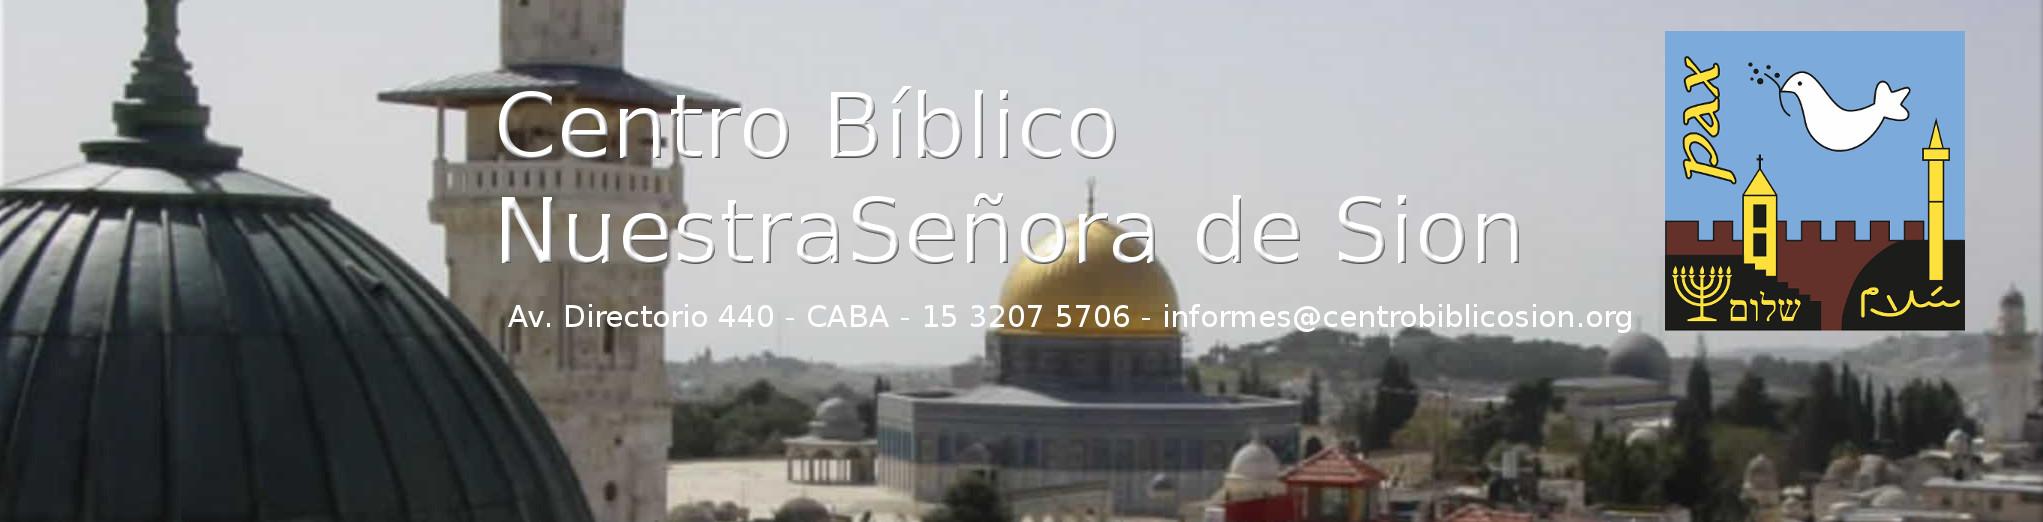 Centro Bíblico Nuestra Señora de Sion